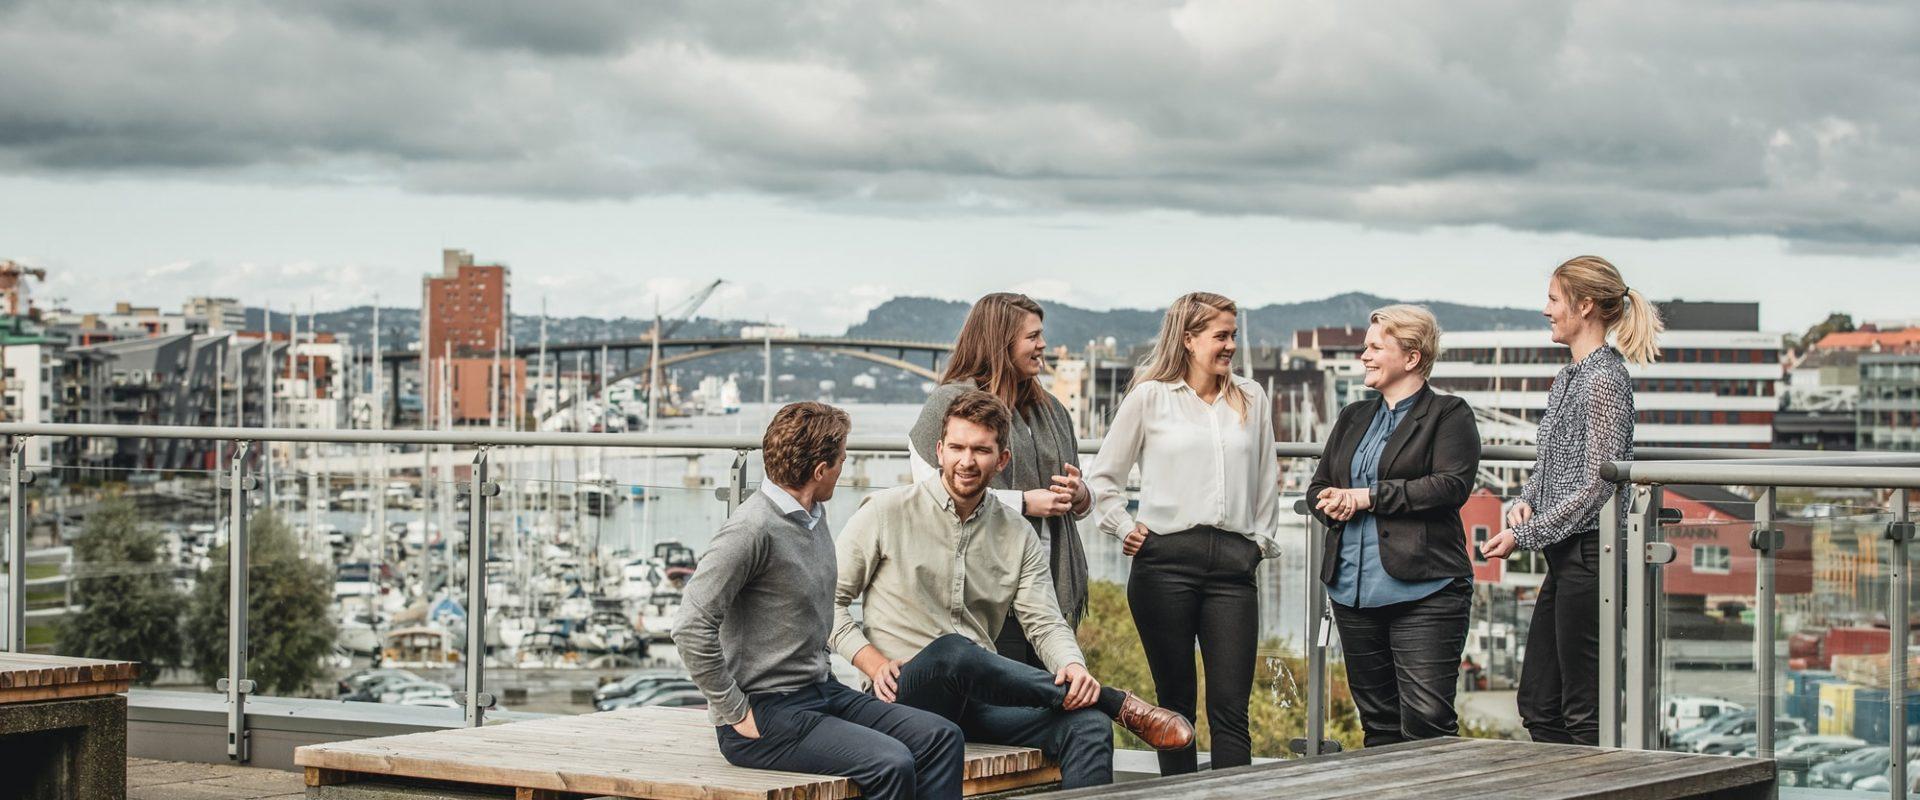 En gruppe kollegaer i Inventura snakker sammen på takterrasse med utsikt utover Bergen by.